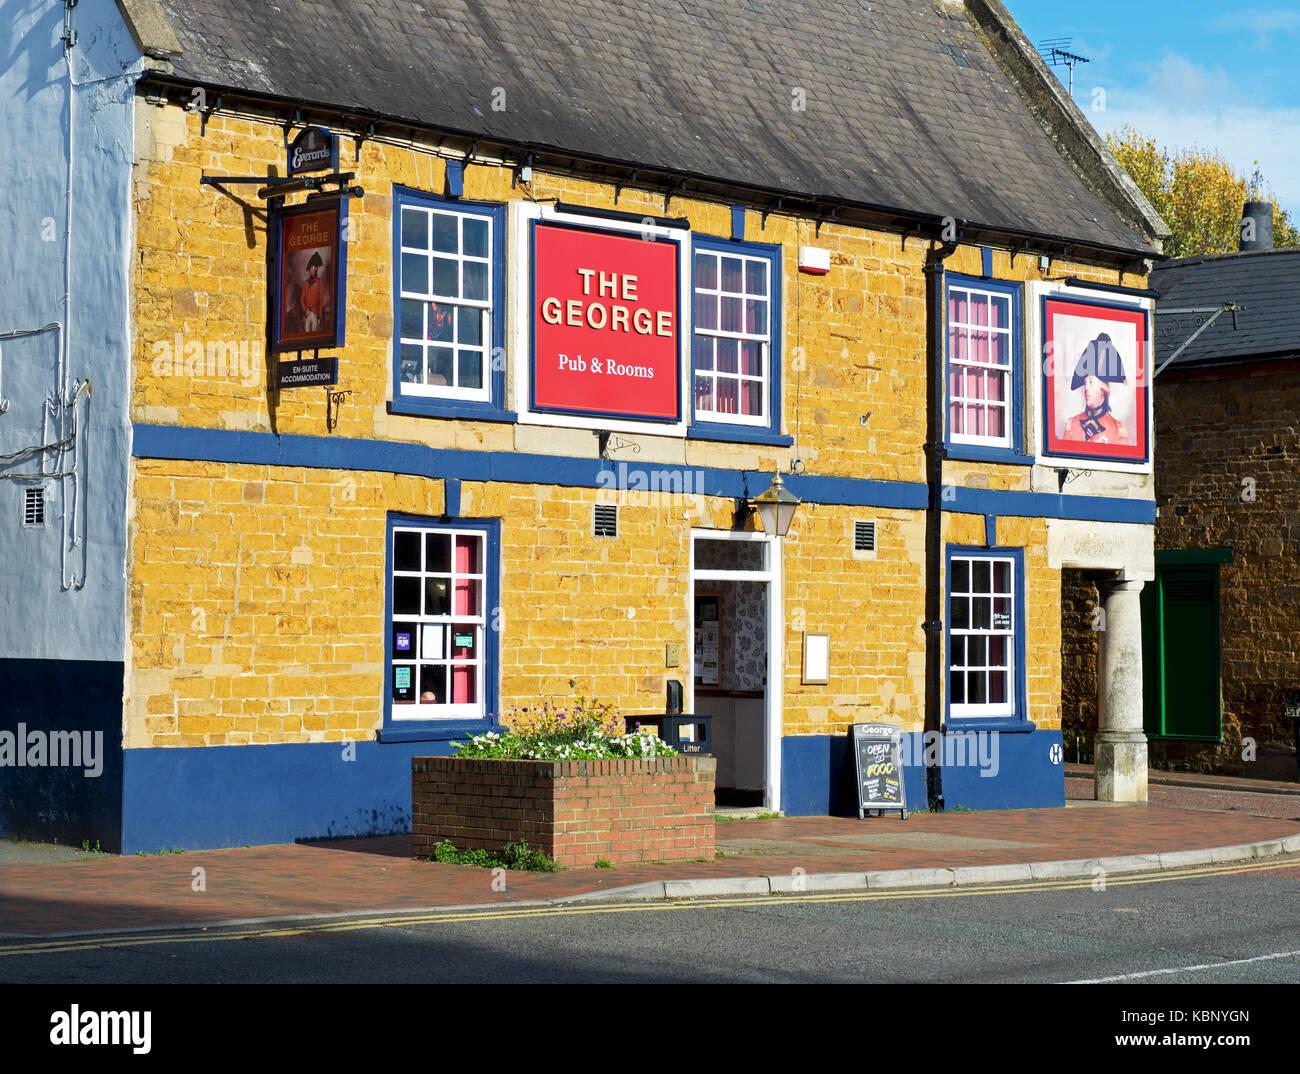 The George pub, Desborough, Northamptonshire, England UK - Stock Image